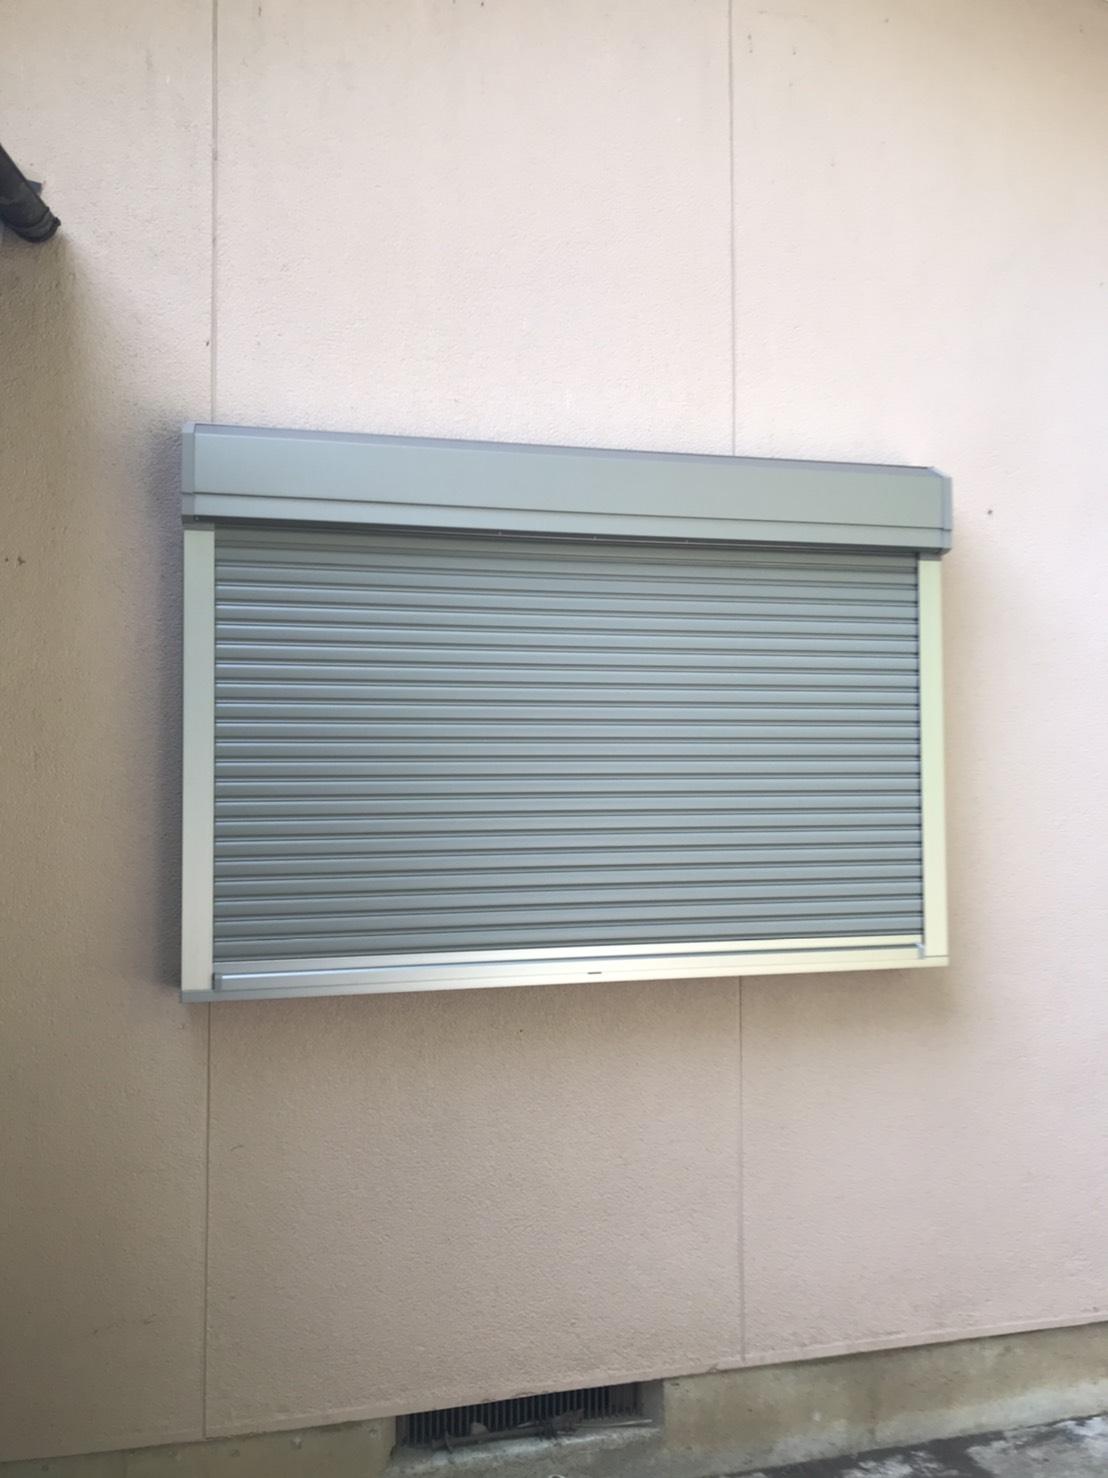 後付けできる住宅用窓シャッターで防犯・台風対策。